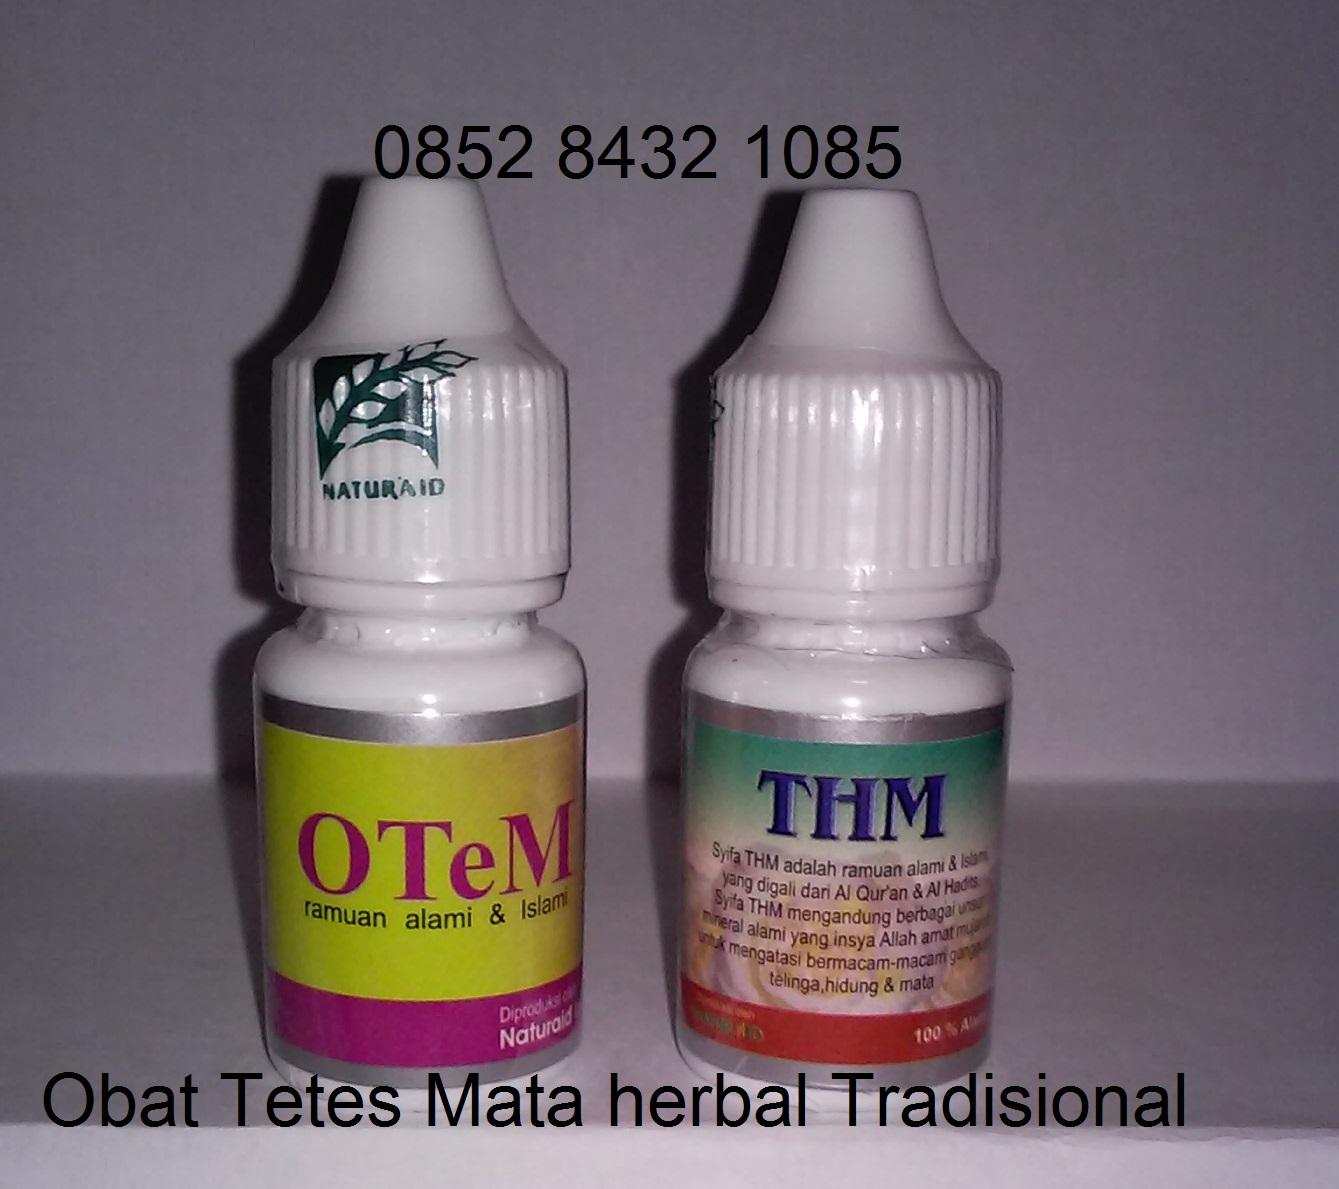 Khasiat Dan Manfaat Obat Tetes Mata Herbal Alami OTEM Dan